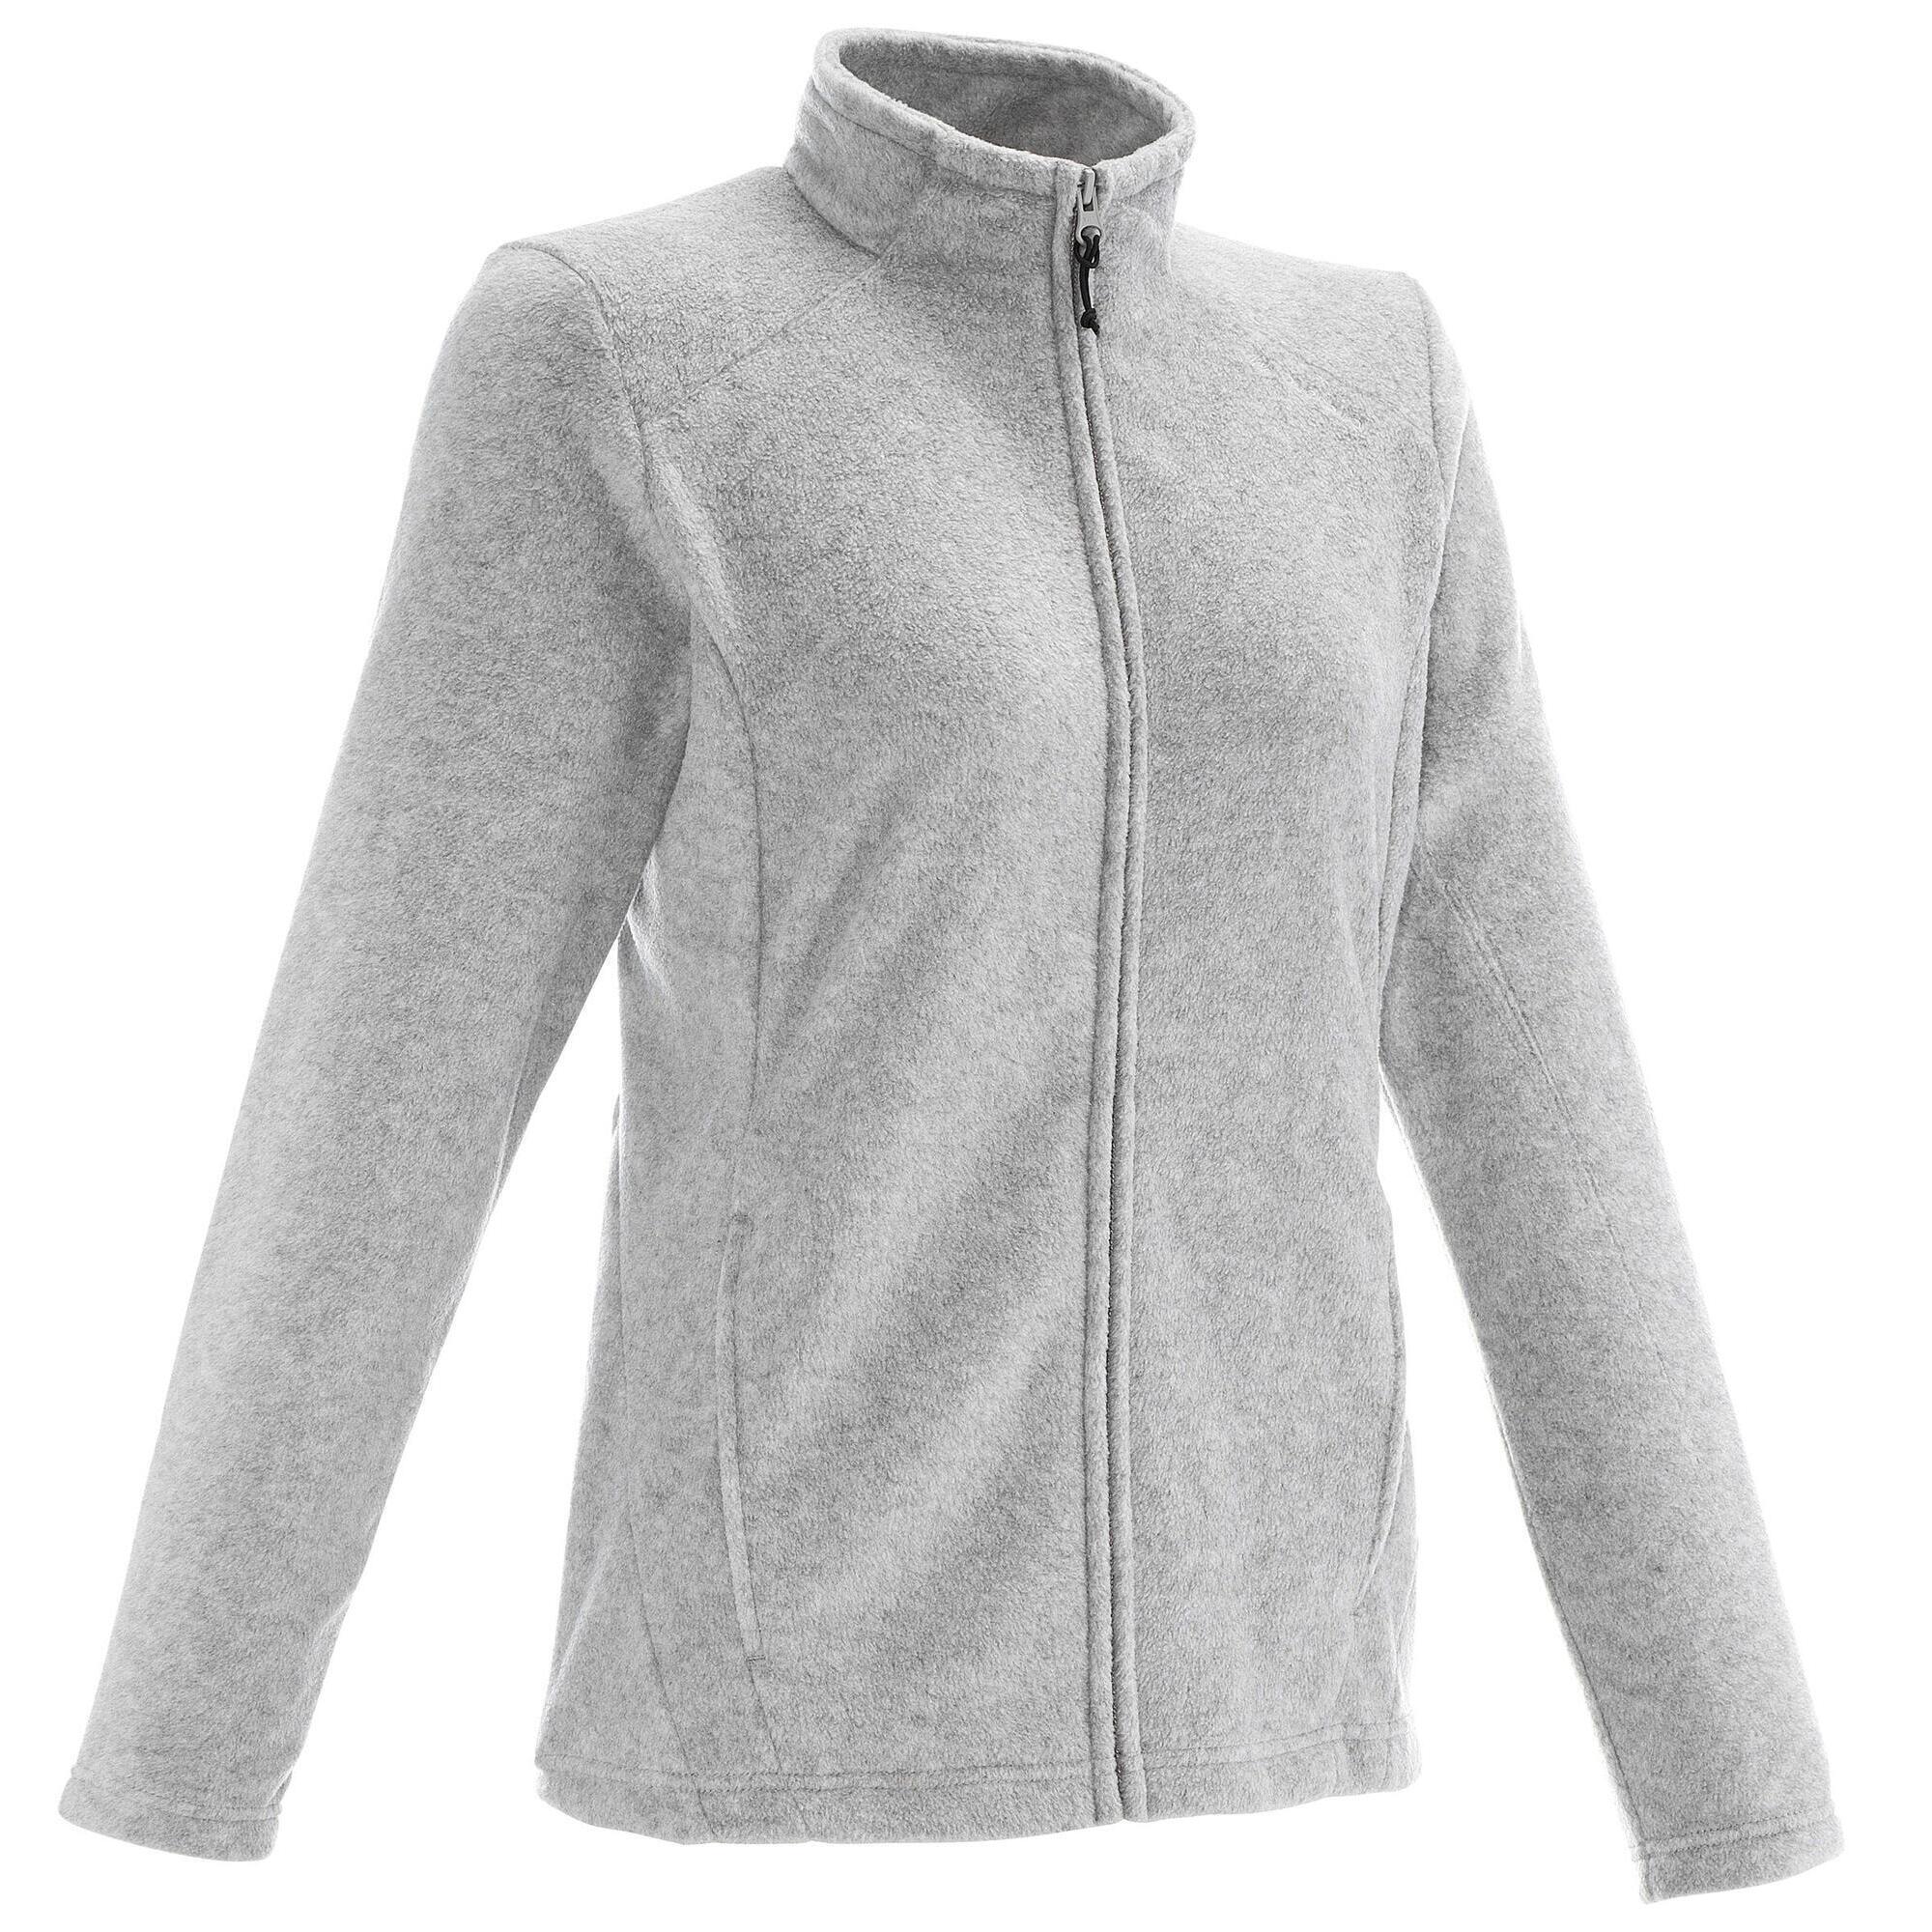 Forclaz 200 Women's mountain hiking fleece - Mottled Grey